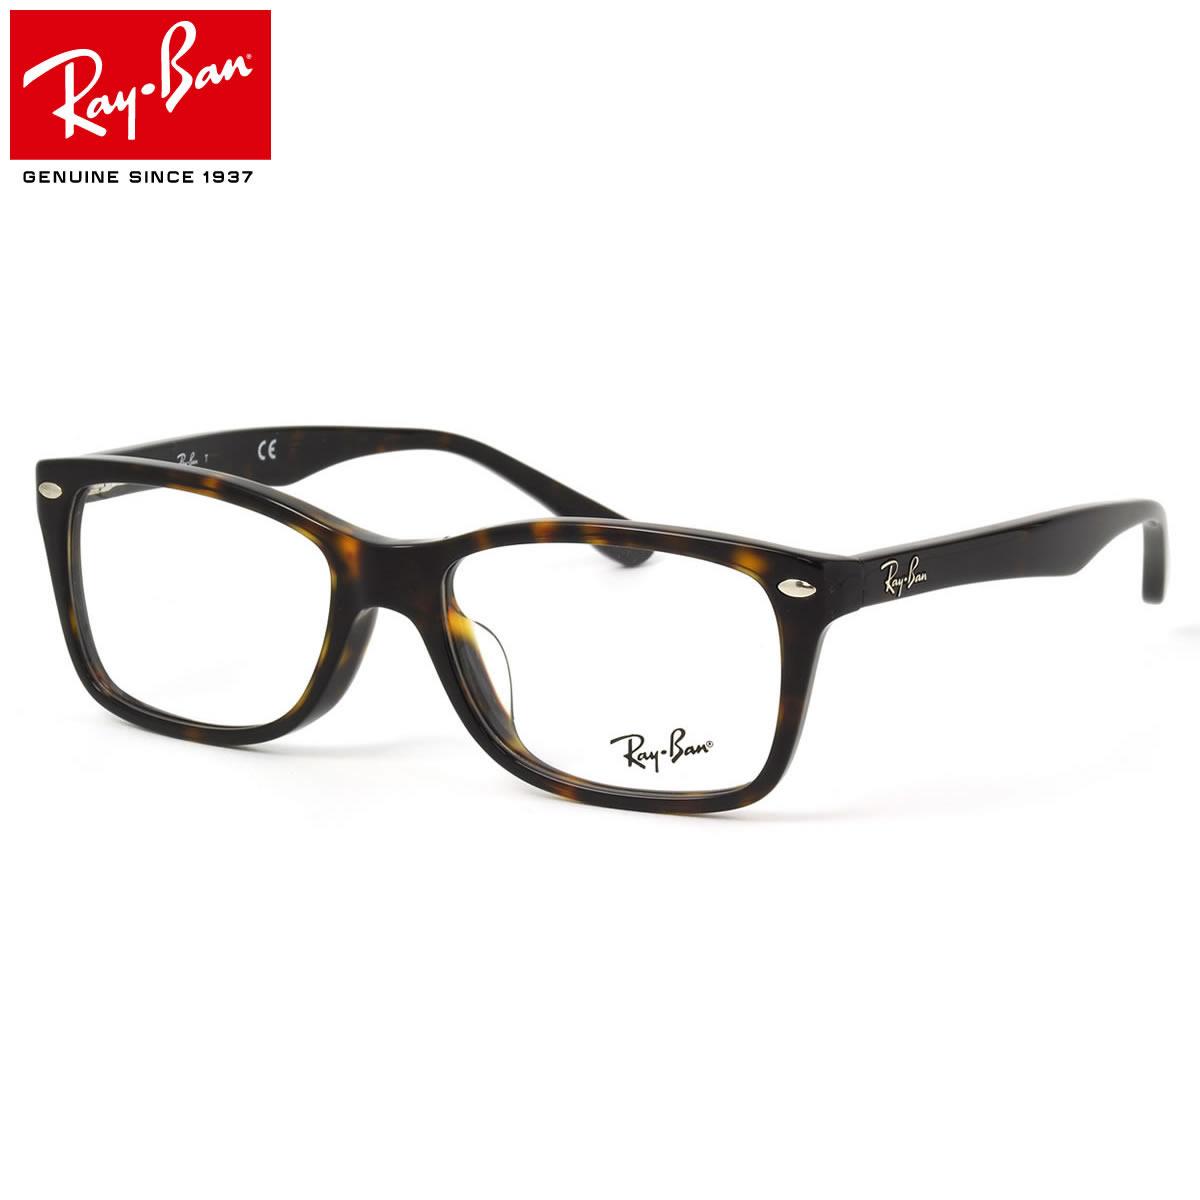 ポイント最大42倍!!お得なクーポンも !! レイバン メガネ フレーム Ray-Ban RX5228F 2012 53サイズ フルフィット レイバン RAYBAN メンズ レディース